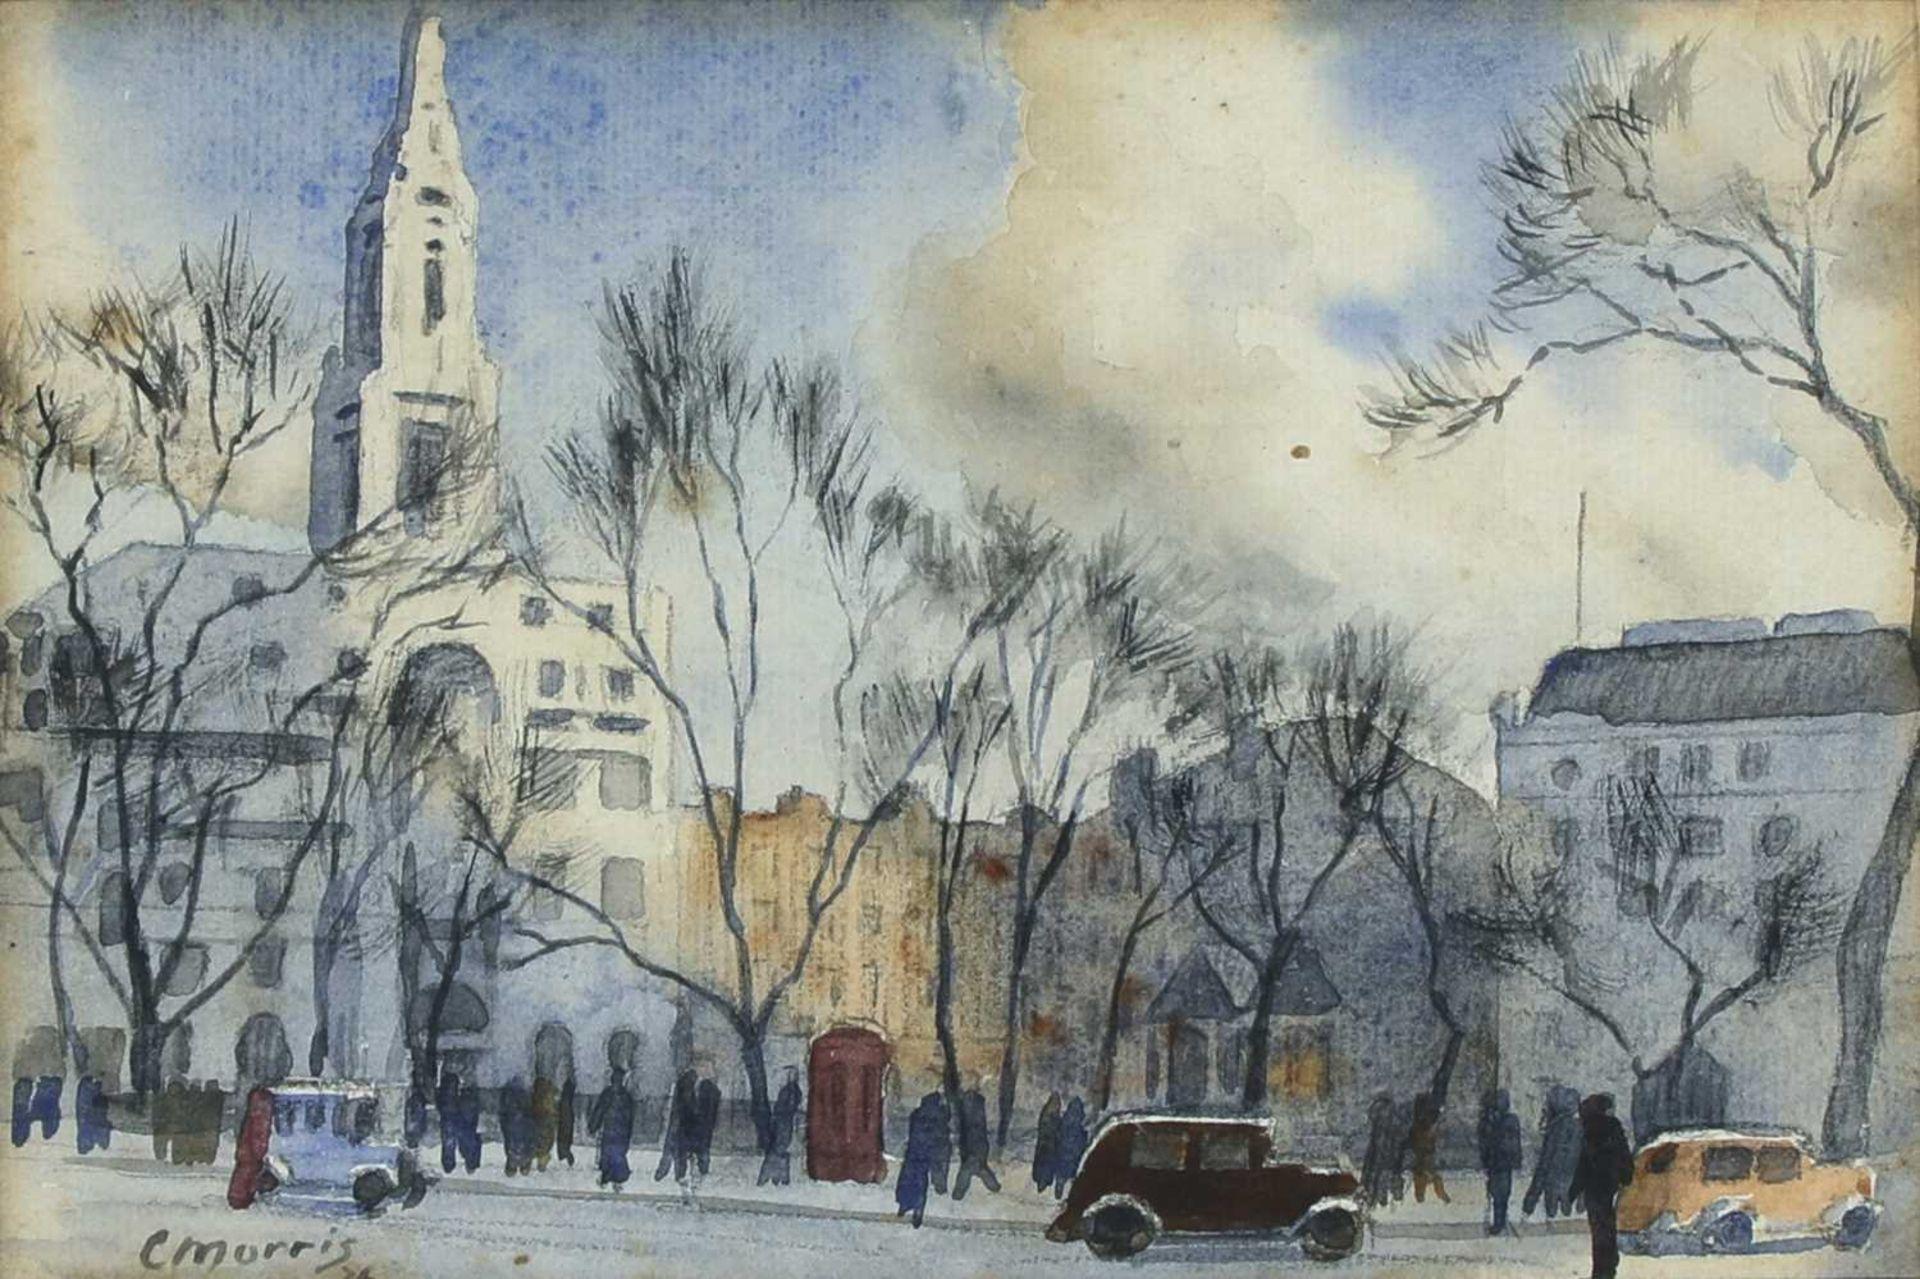 C MORRIS (c.1936)